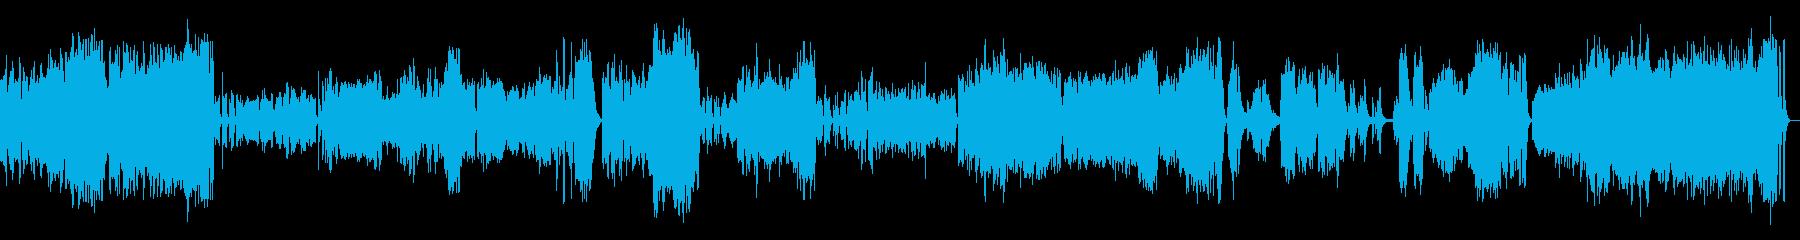 ピアノ協奏曲3楽章(オーケストラ)の再生済みの波形